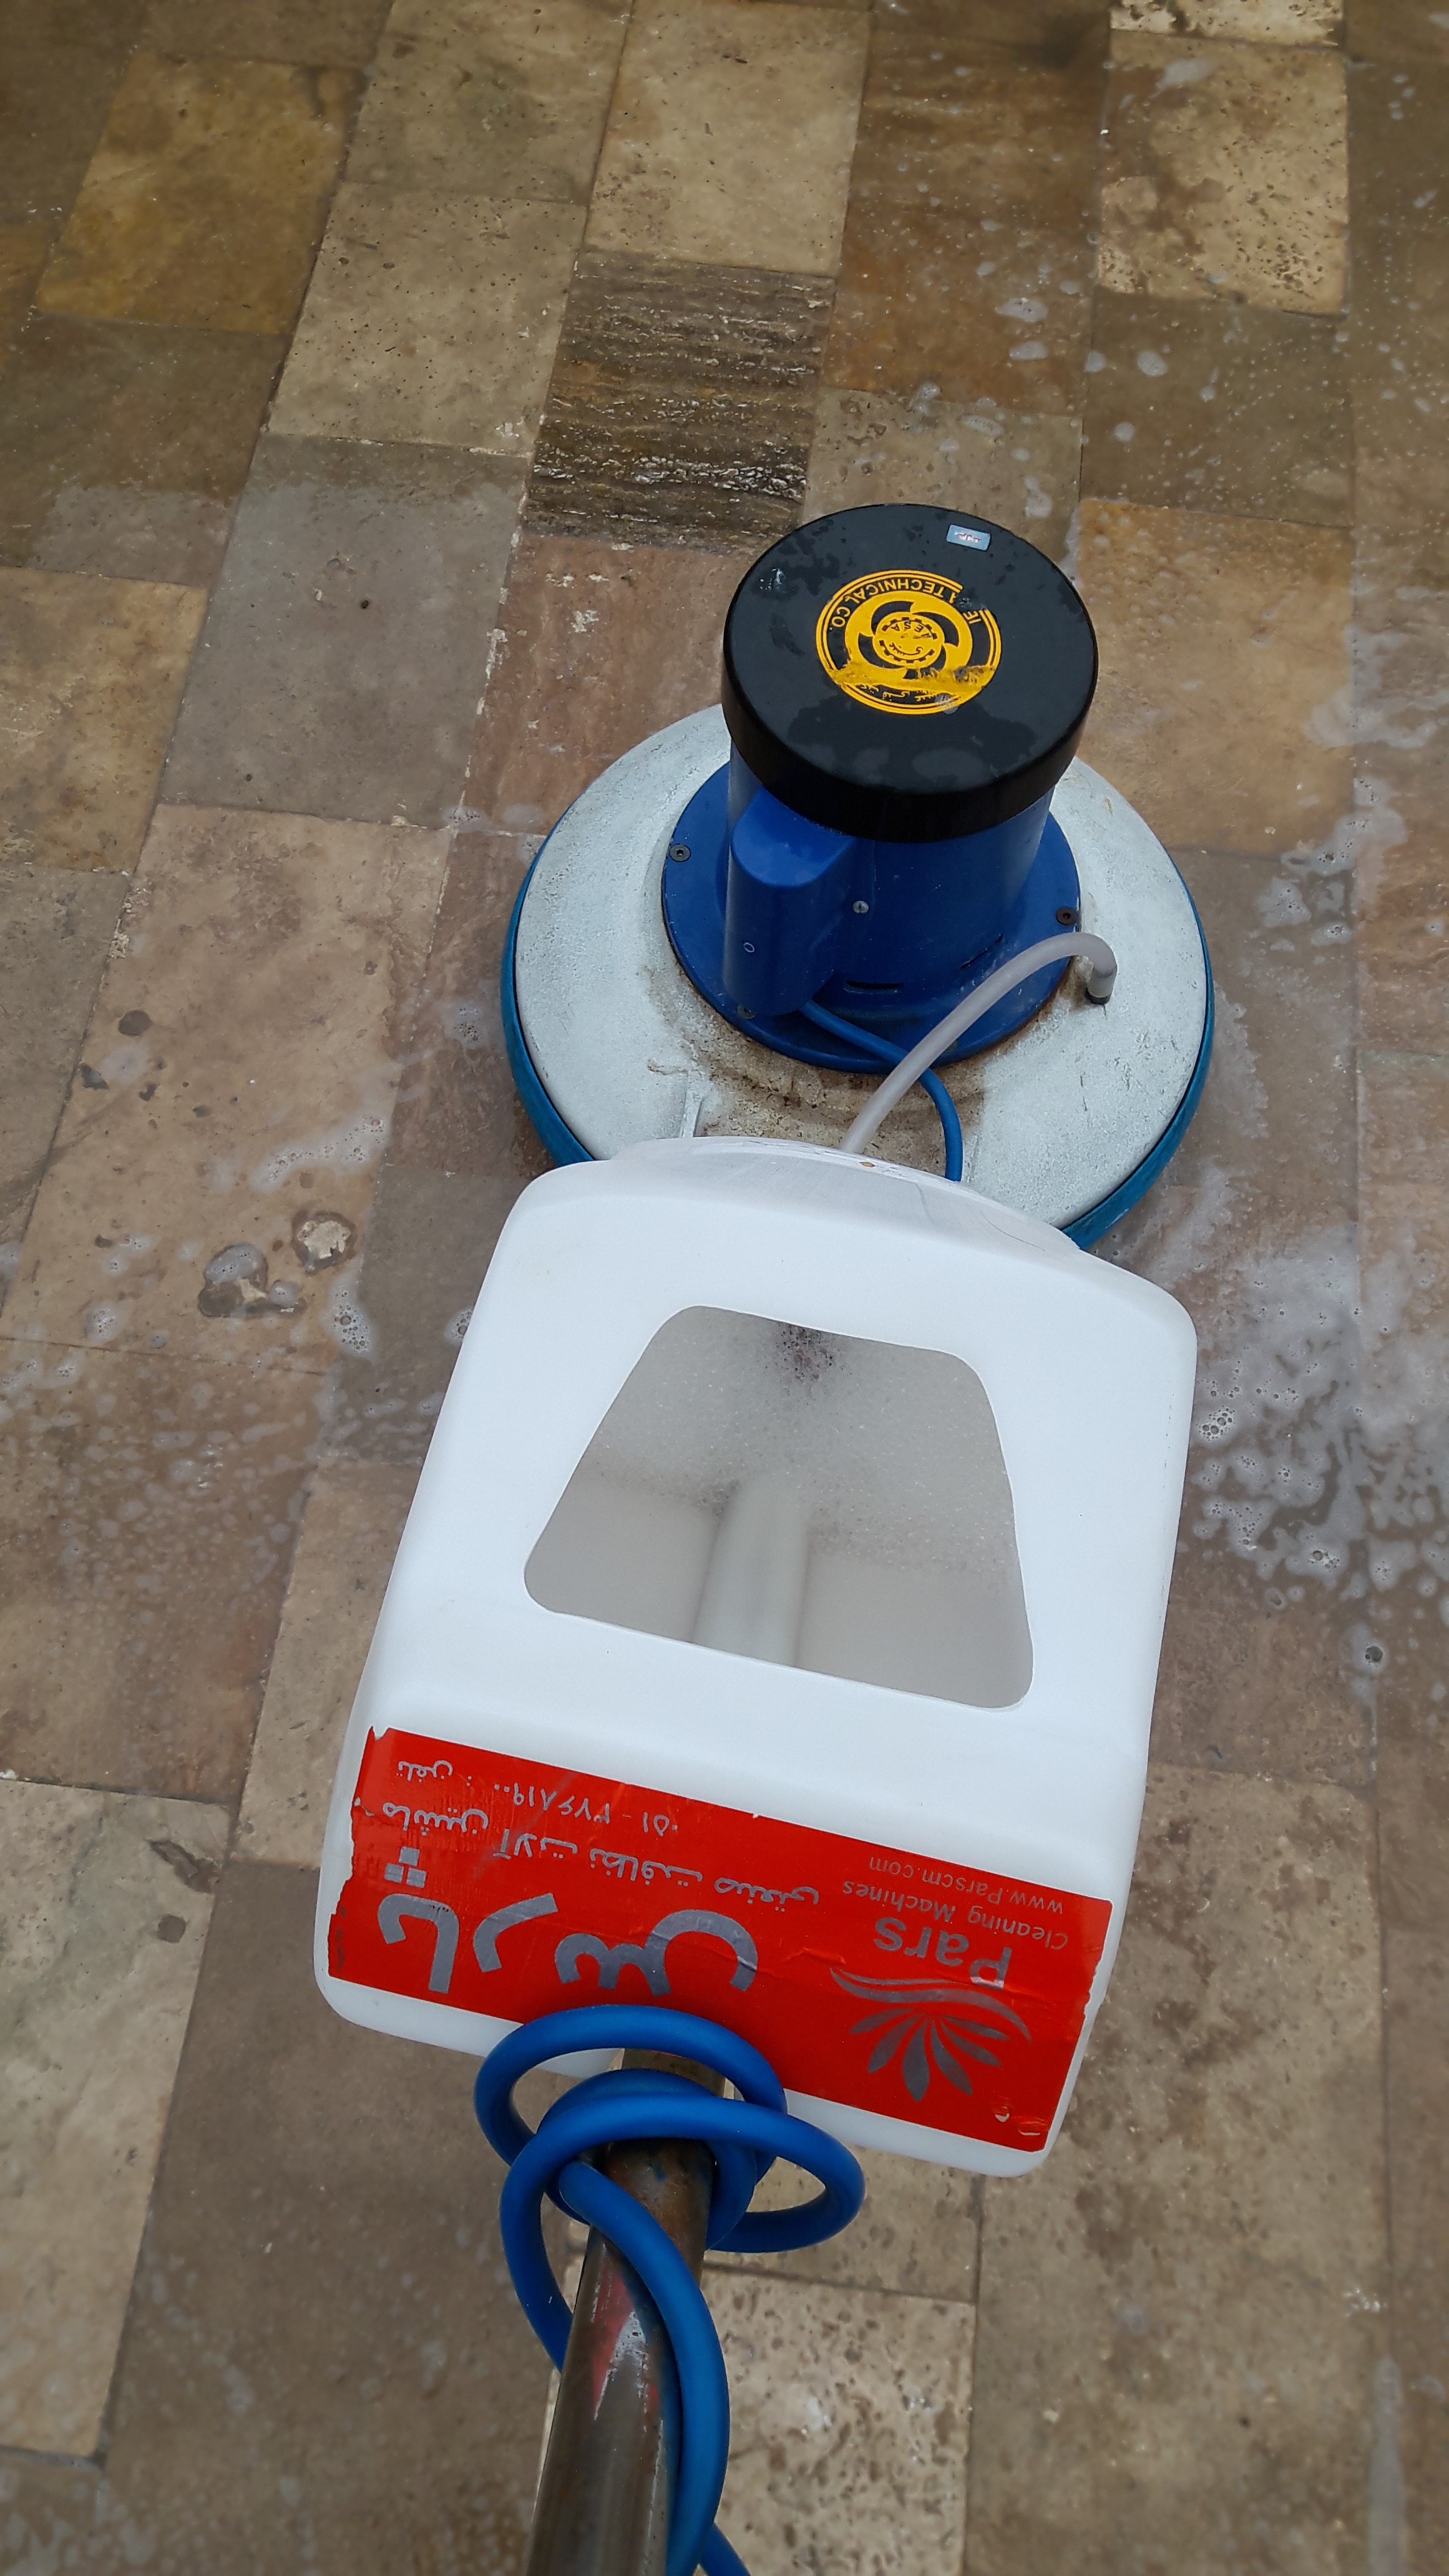 آبکشی کف با دستگاه